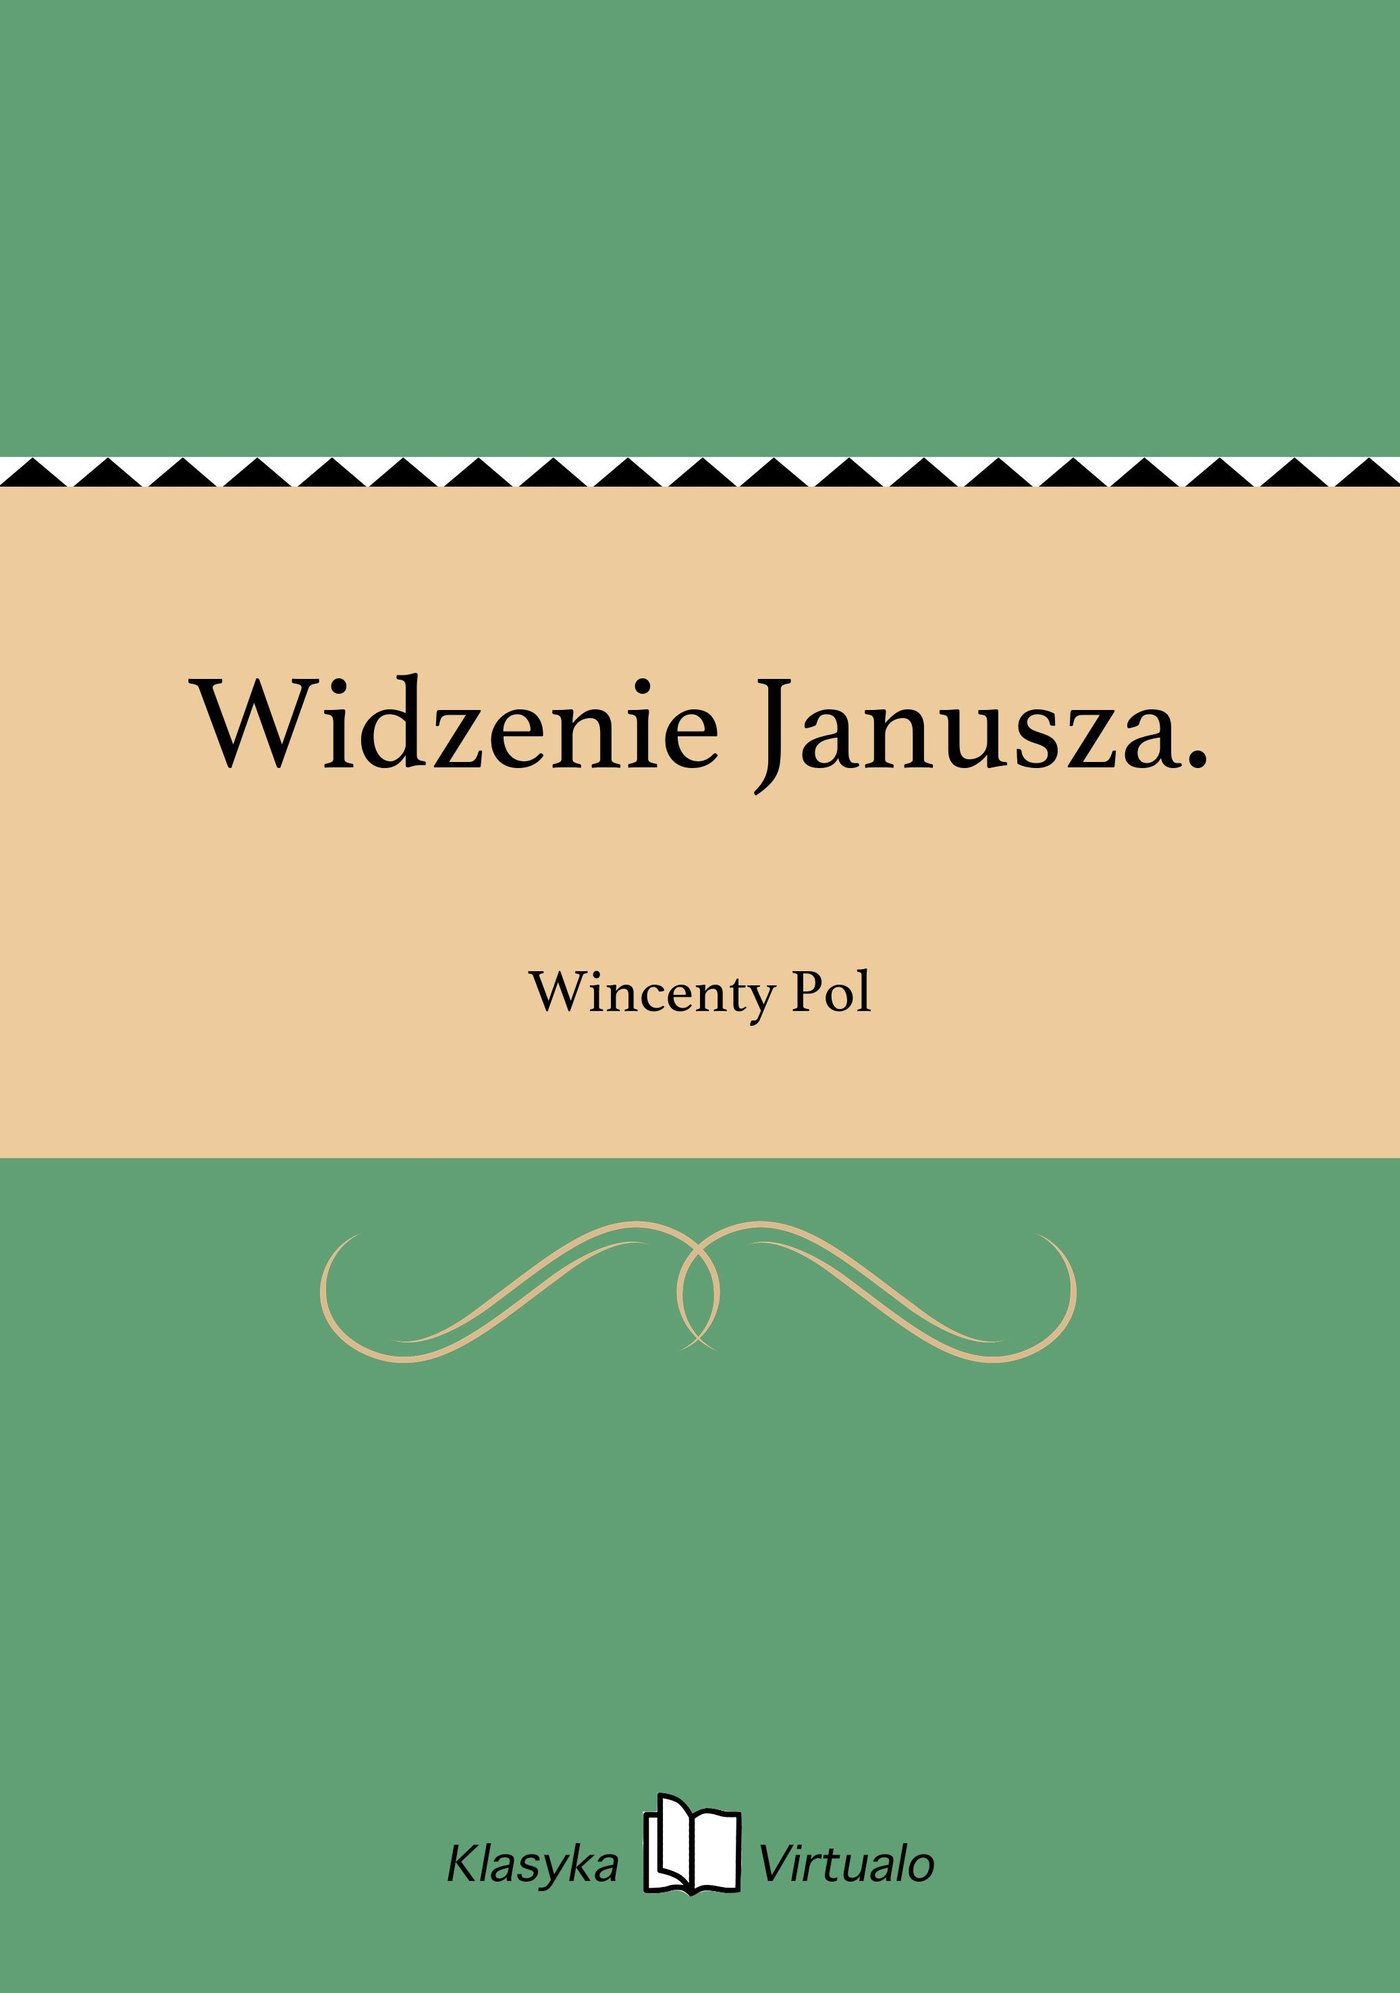 Widzenie Janusza. - Ebook (Książka EPUB) do pobrania w formacie EPUB